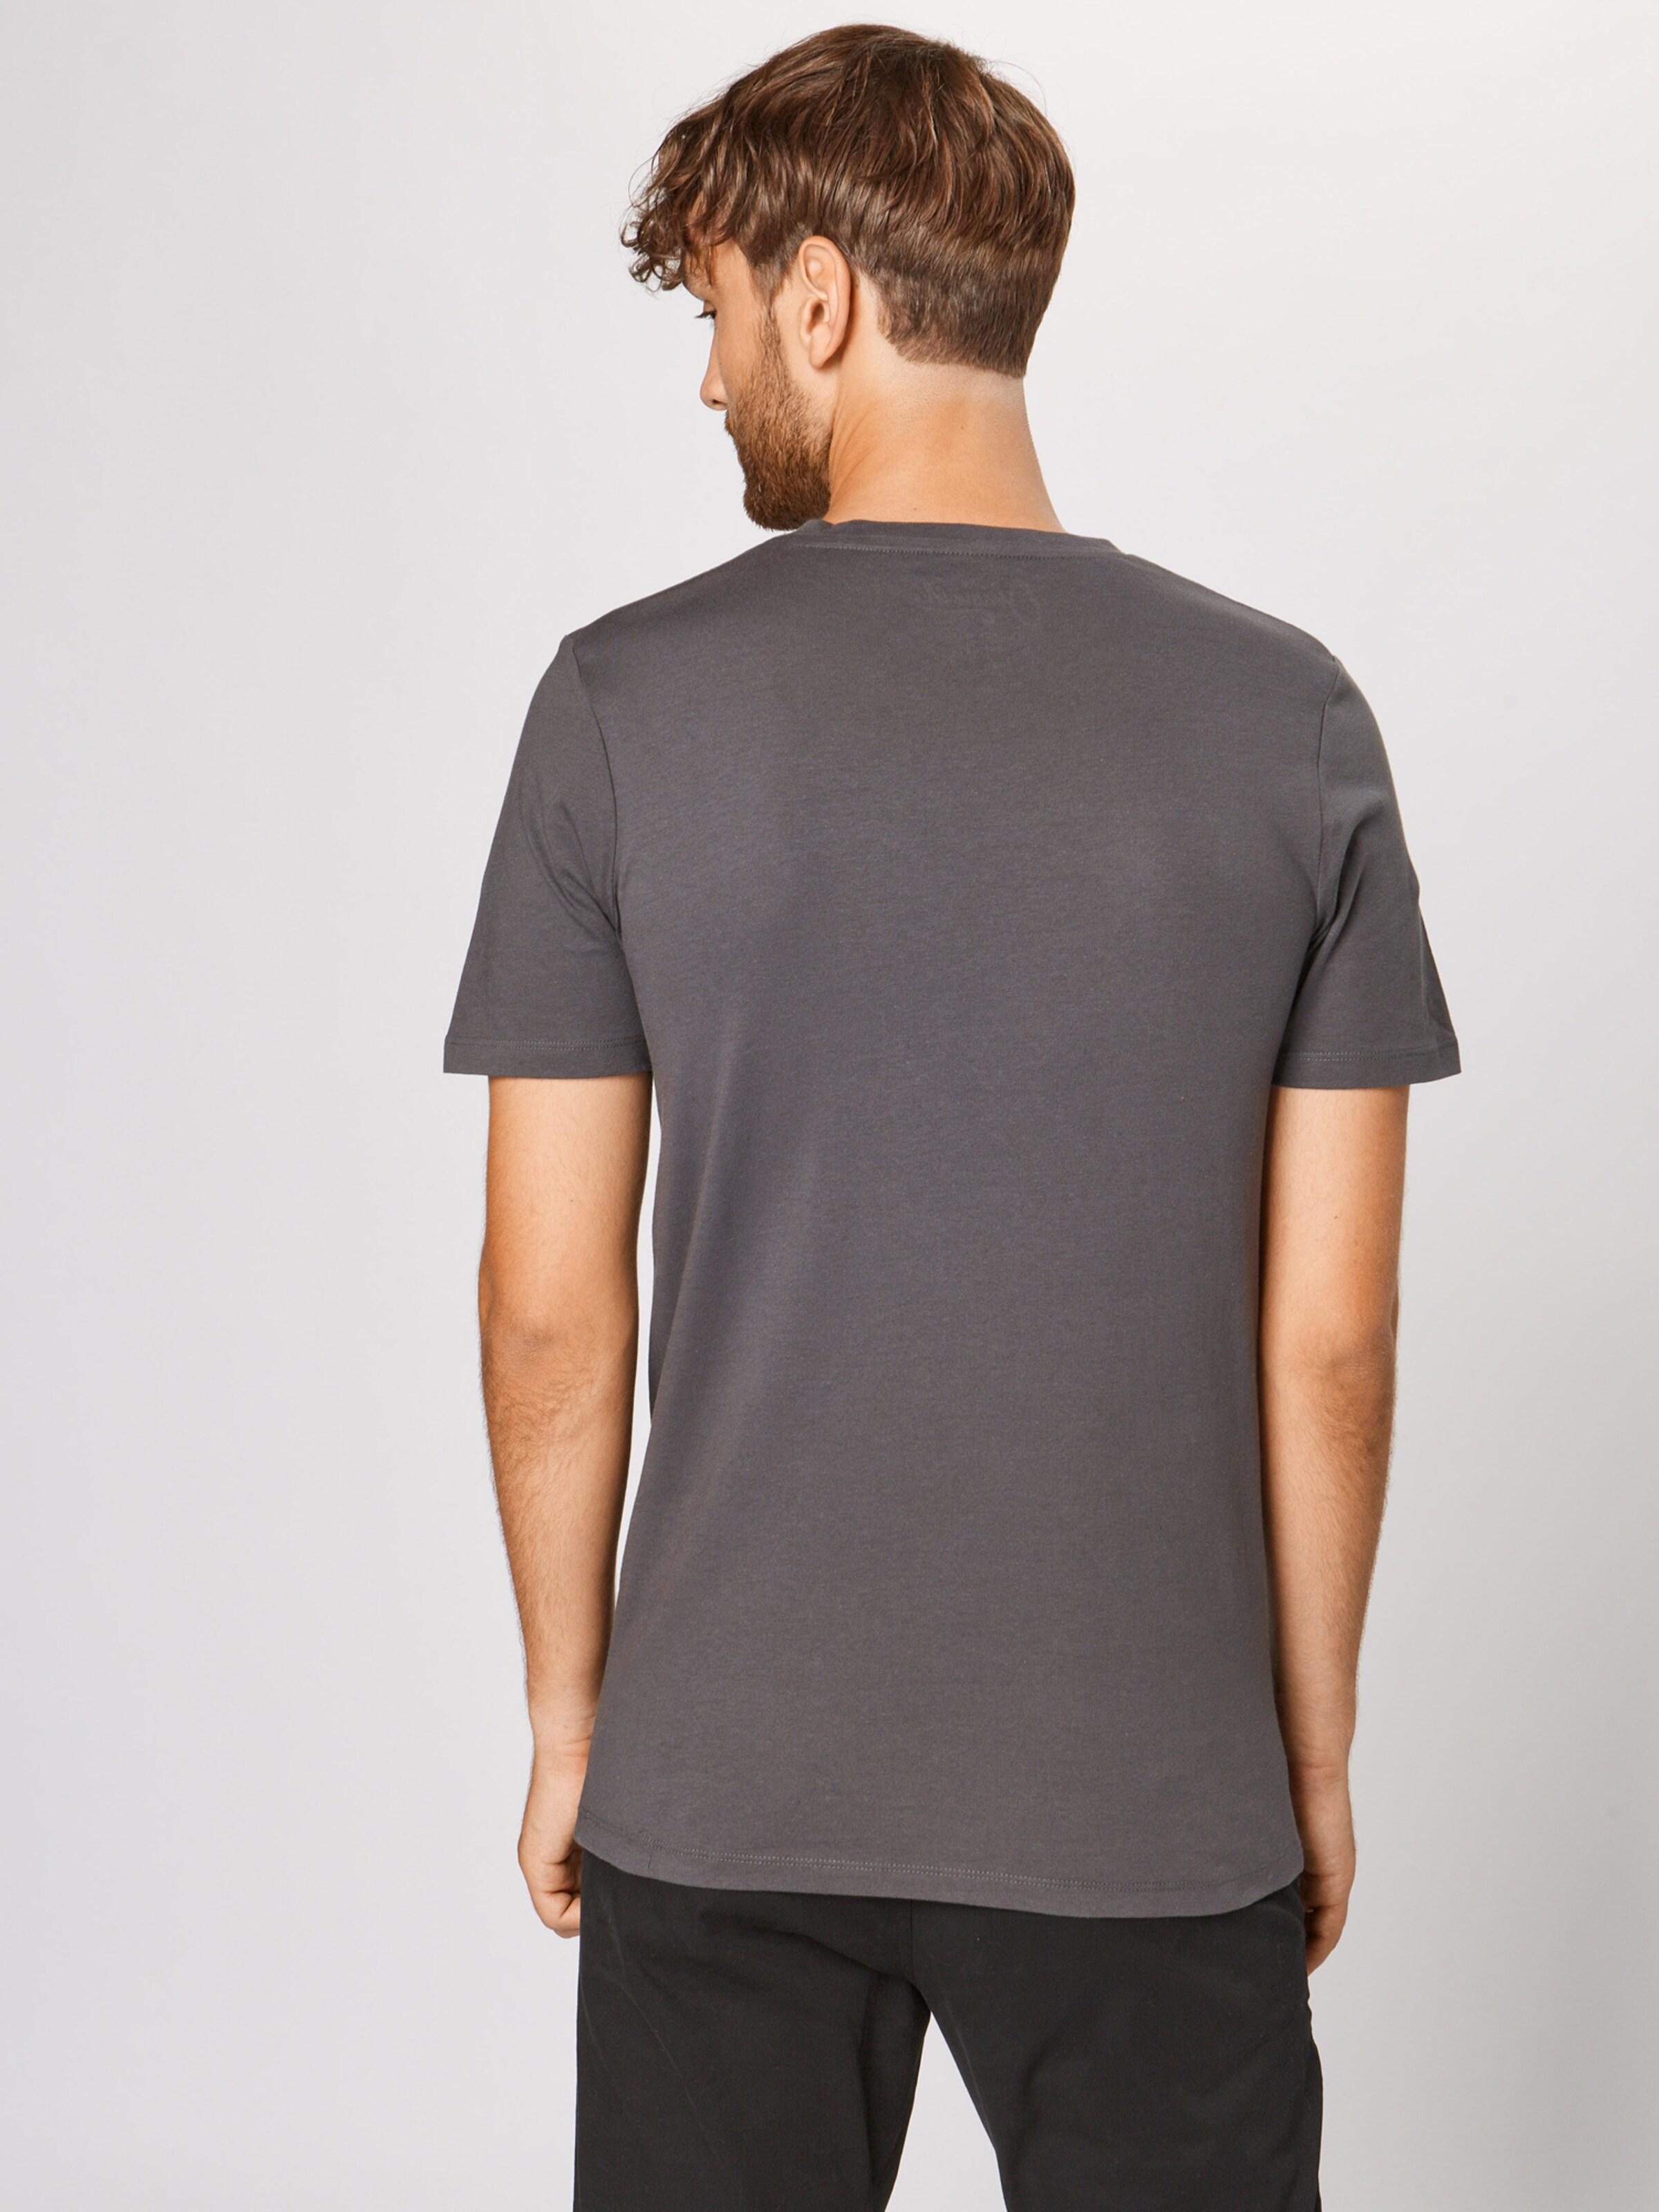 Jackamp; Ss Crew In Jones 'jorhorizon Neck' Tee Anthrazit Shirt CeodxB